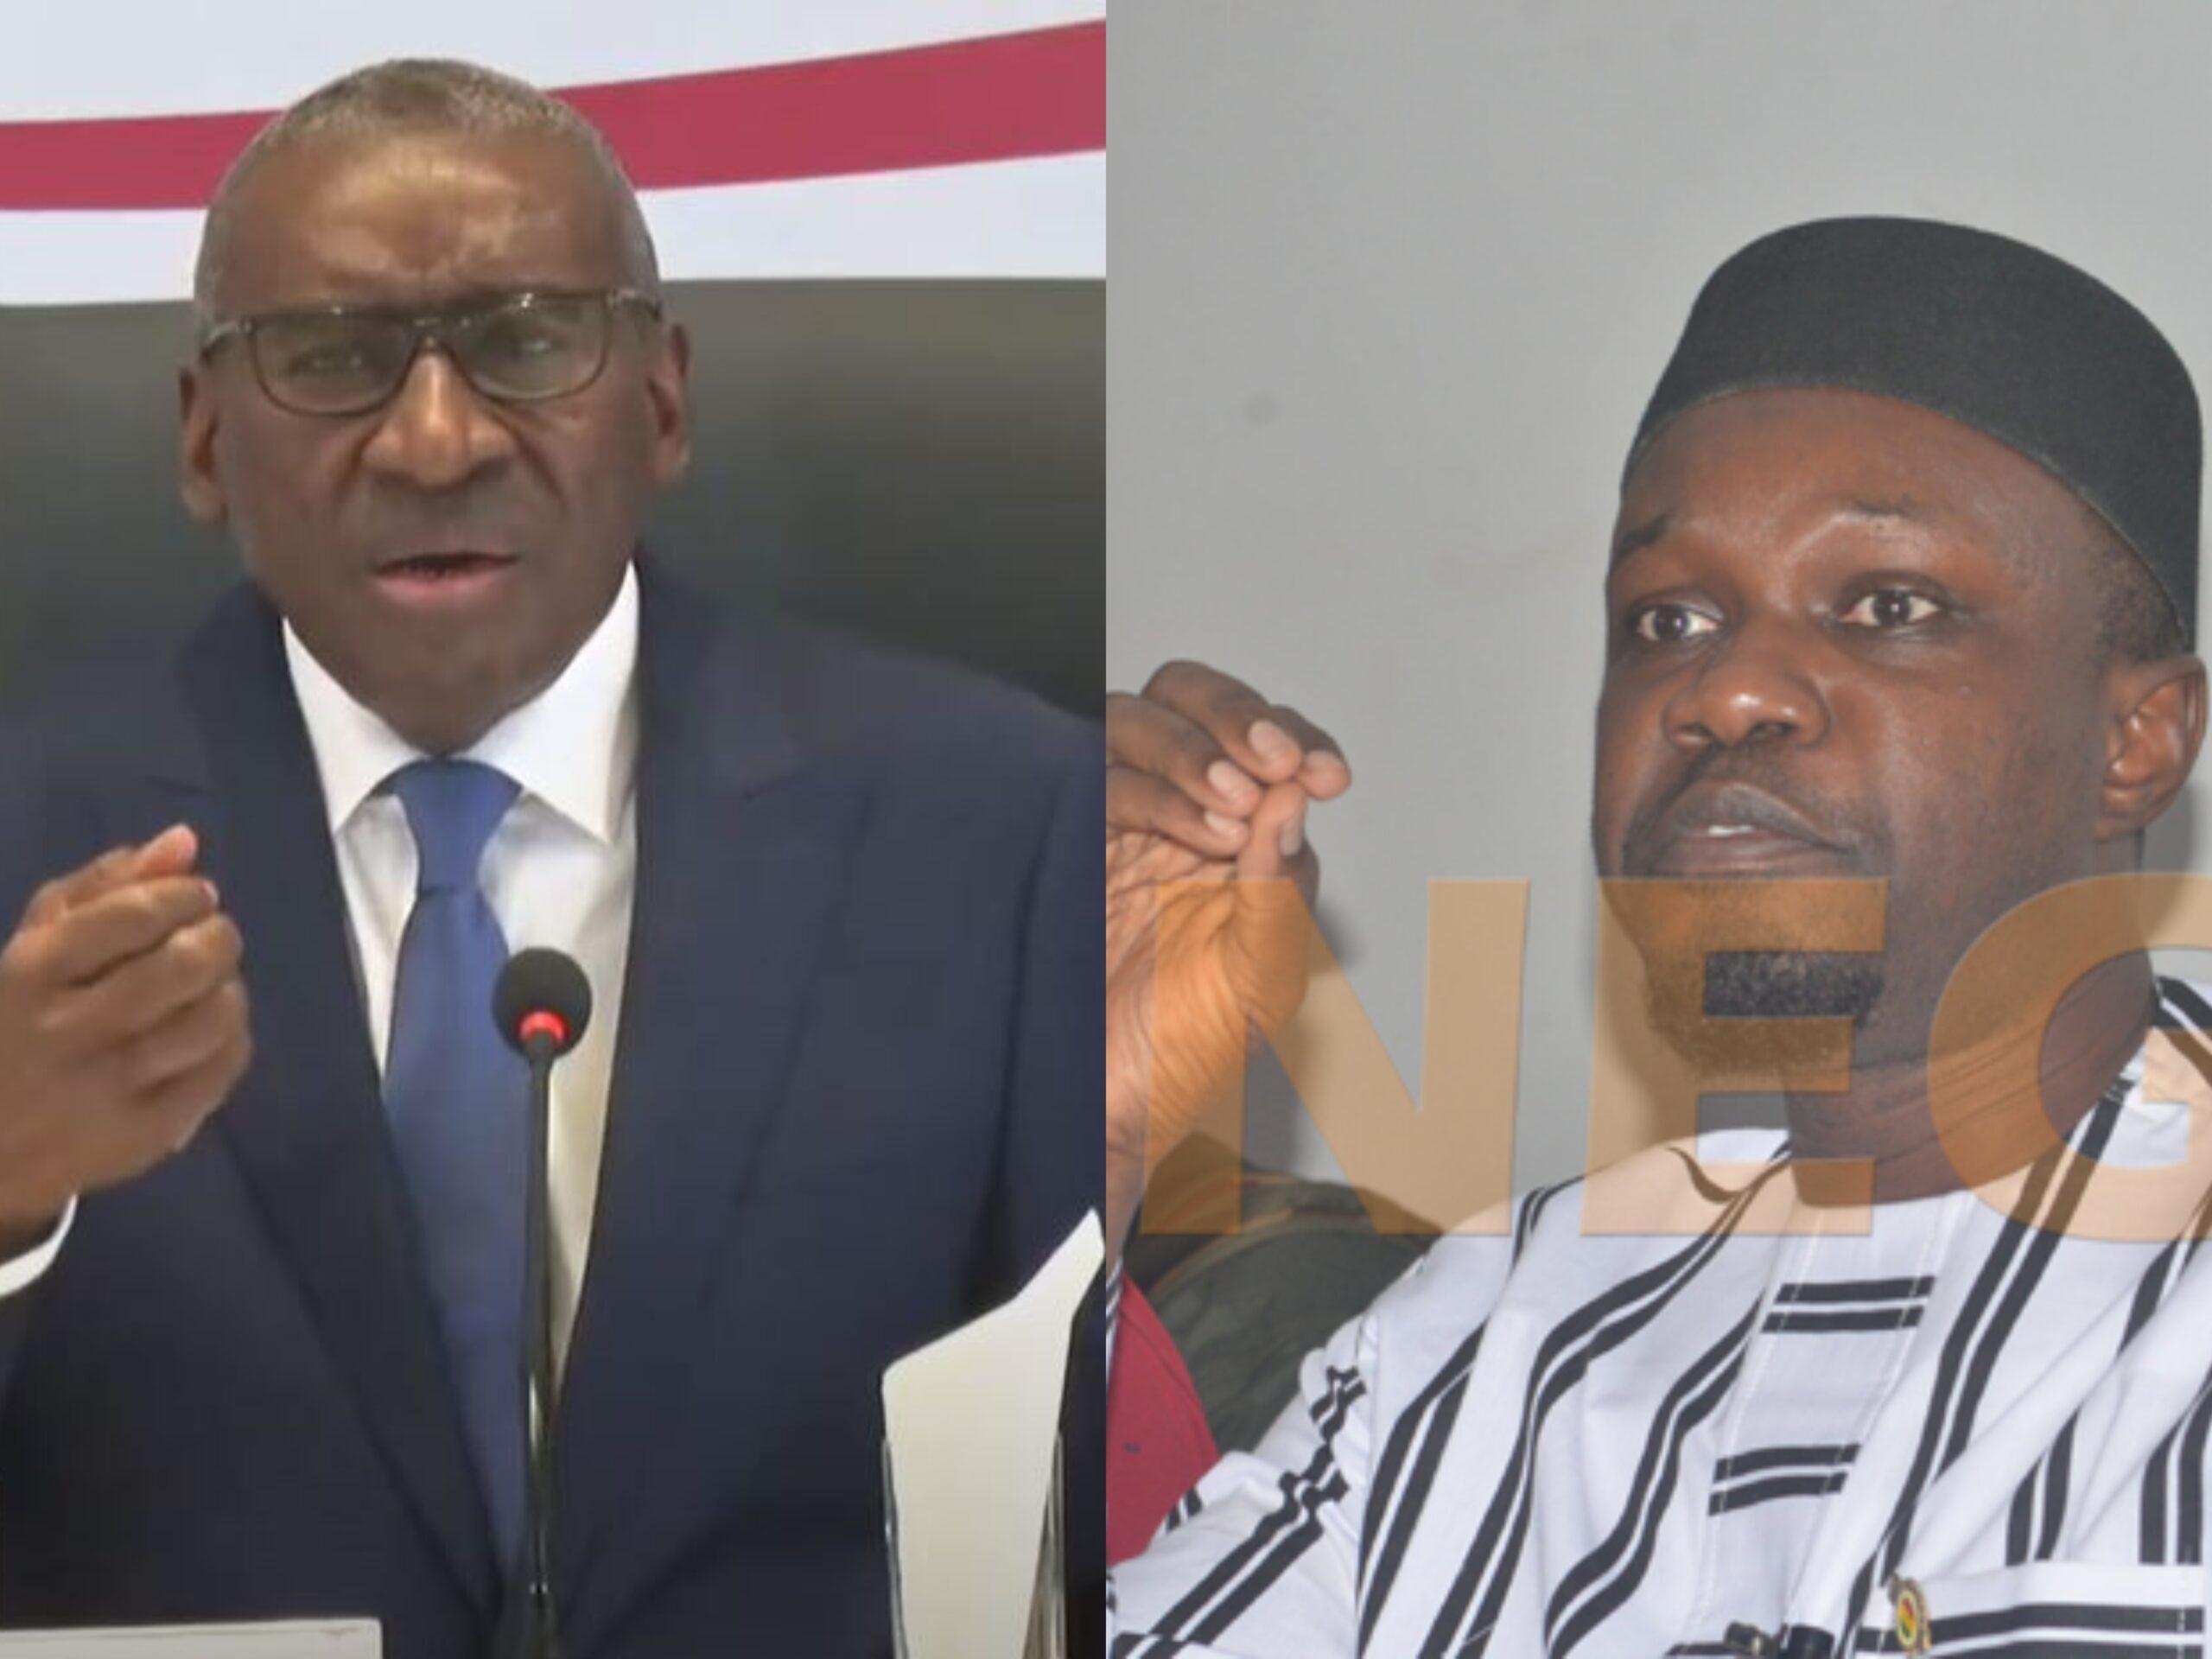 Emeutes : La réponse de Sidiki Kaba à Ousmane Sonko et aux Ong qui accusent l'Etat